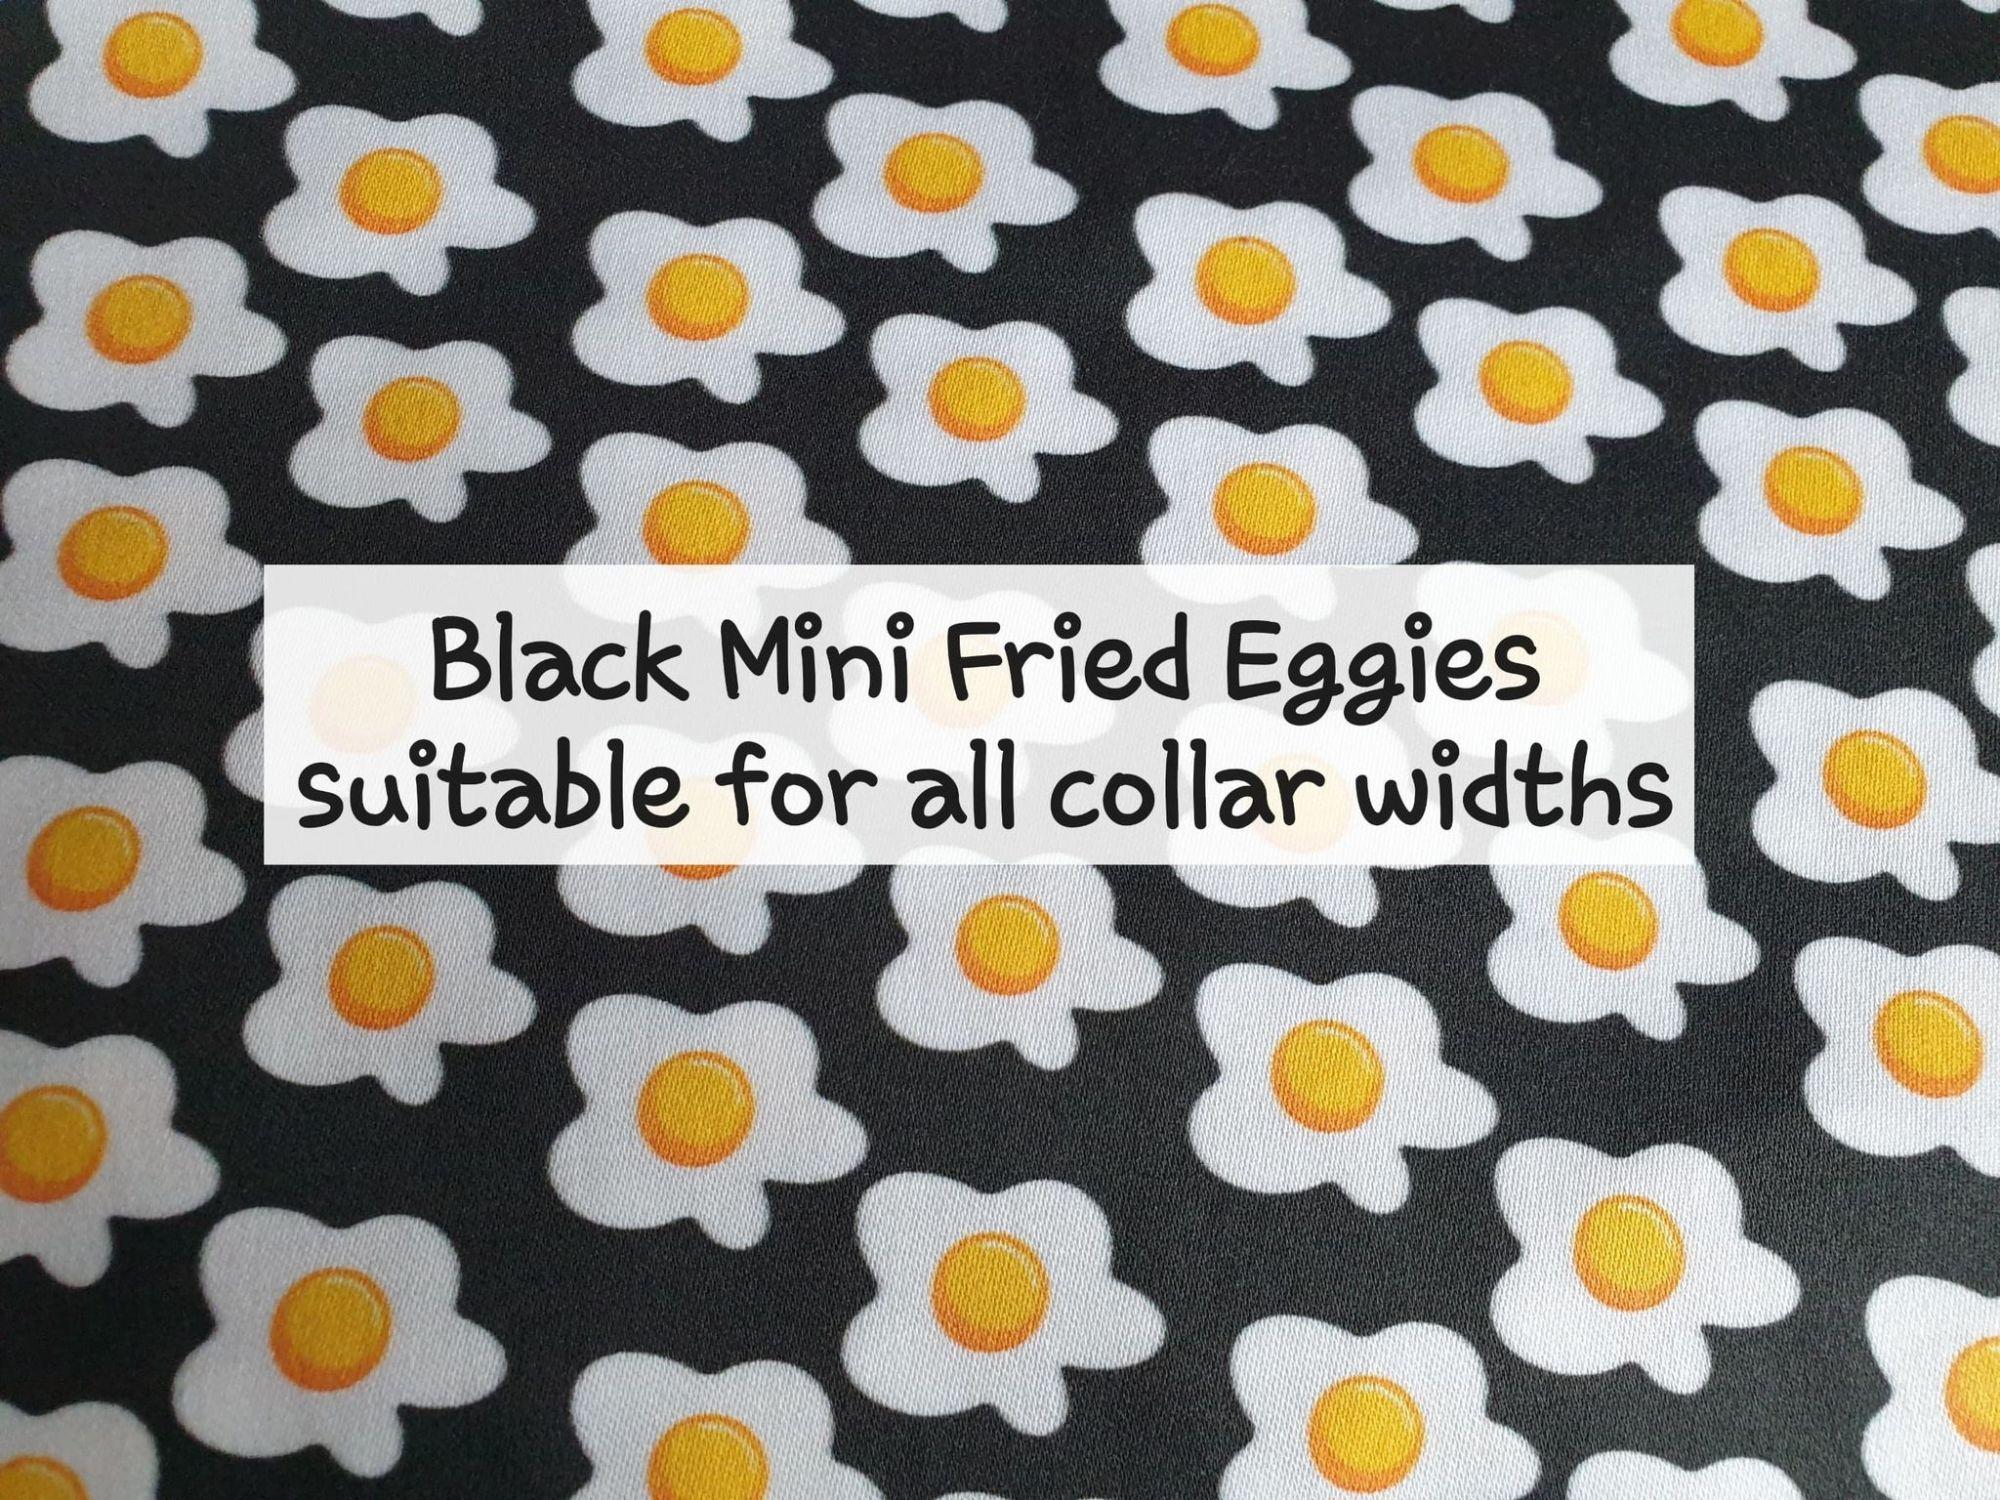 Black Mini Fried Eggies